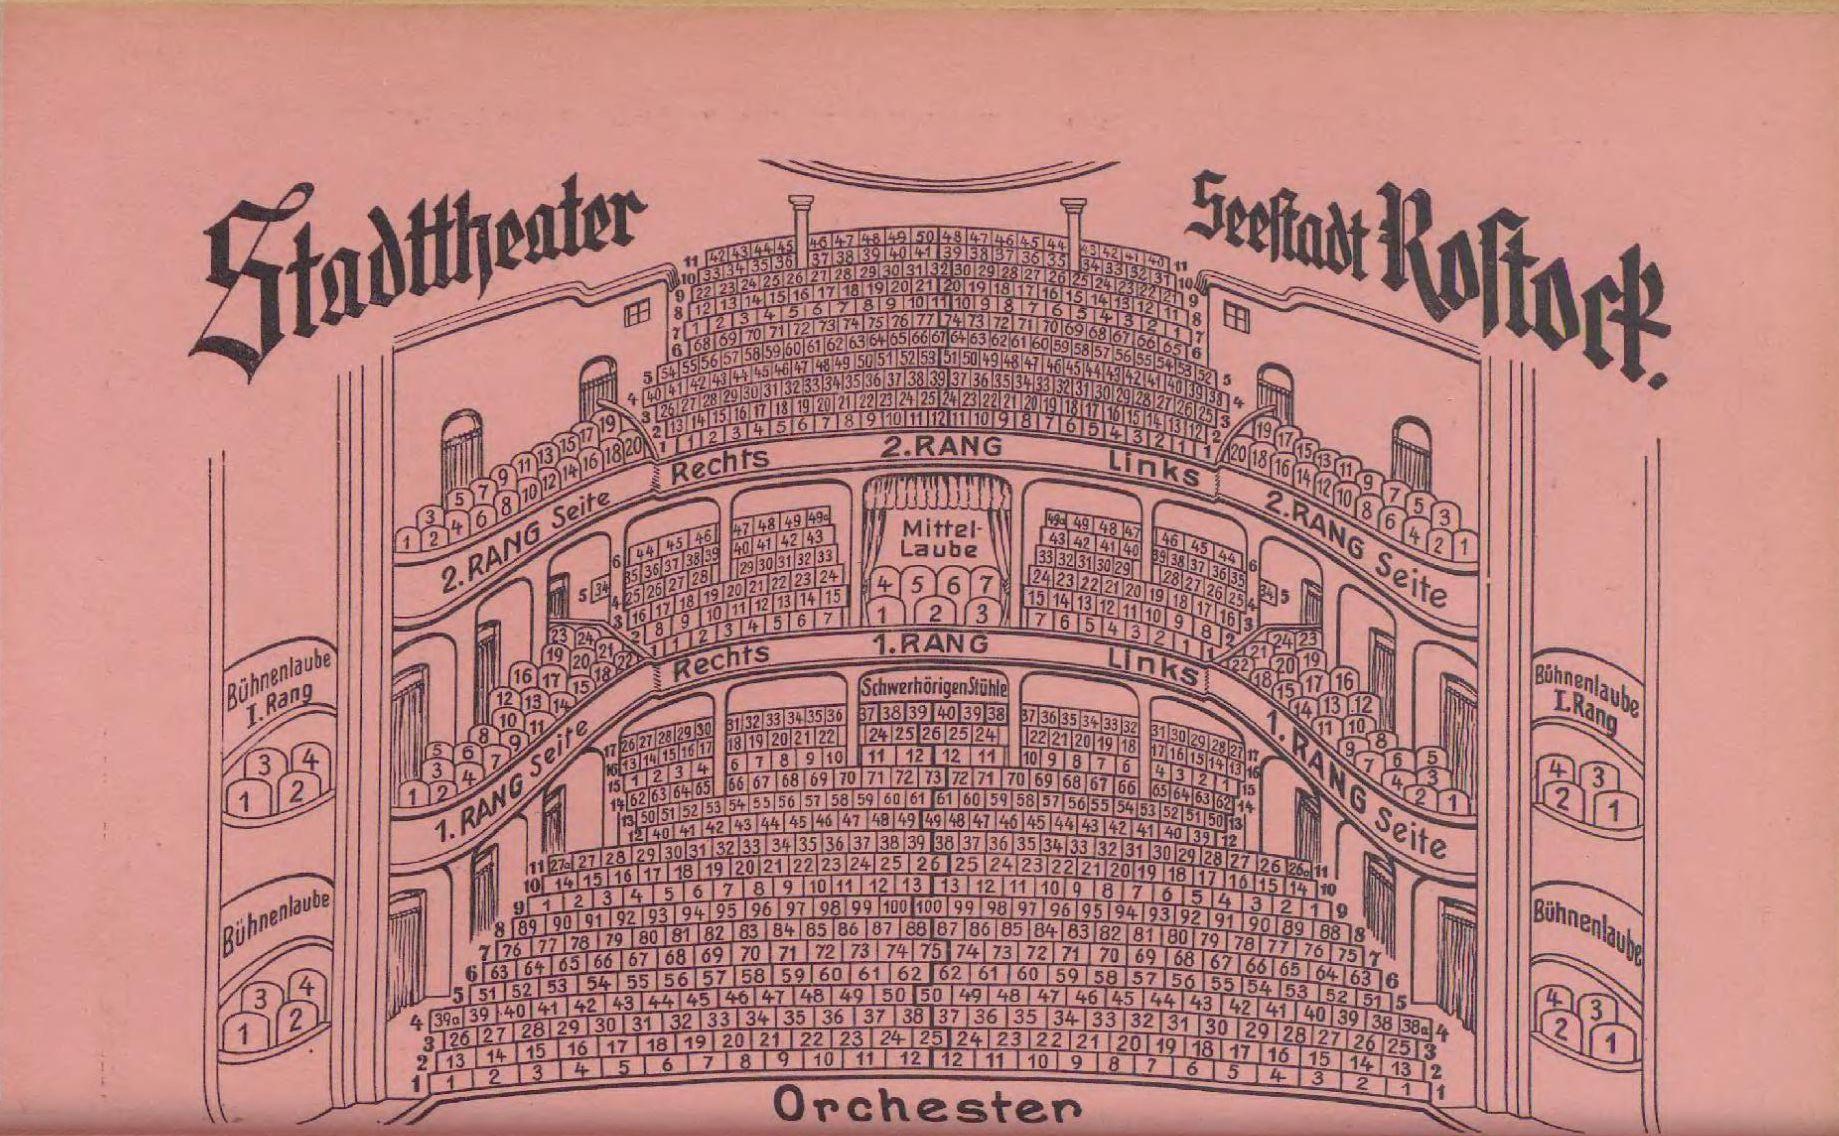 Filestadttheater rostock sitzplan jpg